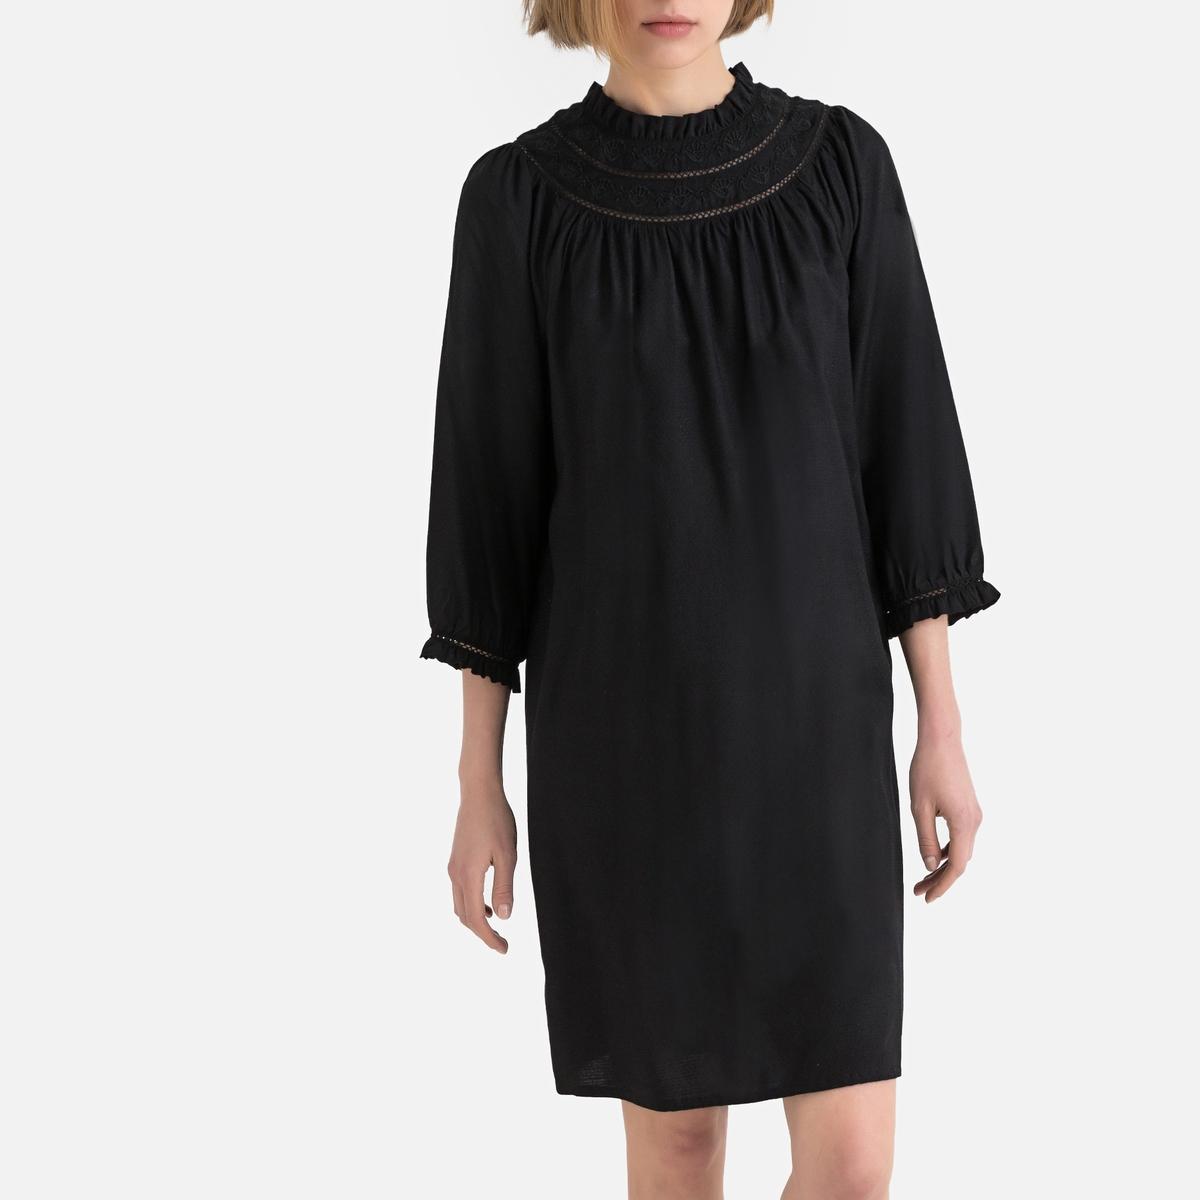 Платье La Redoute Расклешенное с длинными рукавами 34 (FR) - 40 (RUS) черный платье свитшот la redoute с воротником стойкой и застежкой на молнию сзади 34 fr 40 rus серый